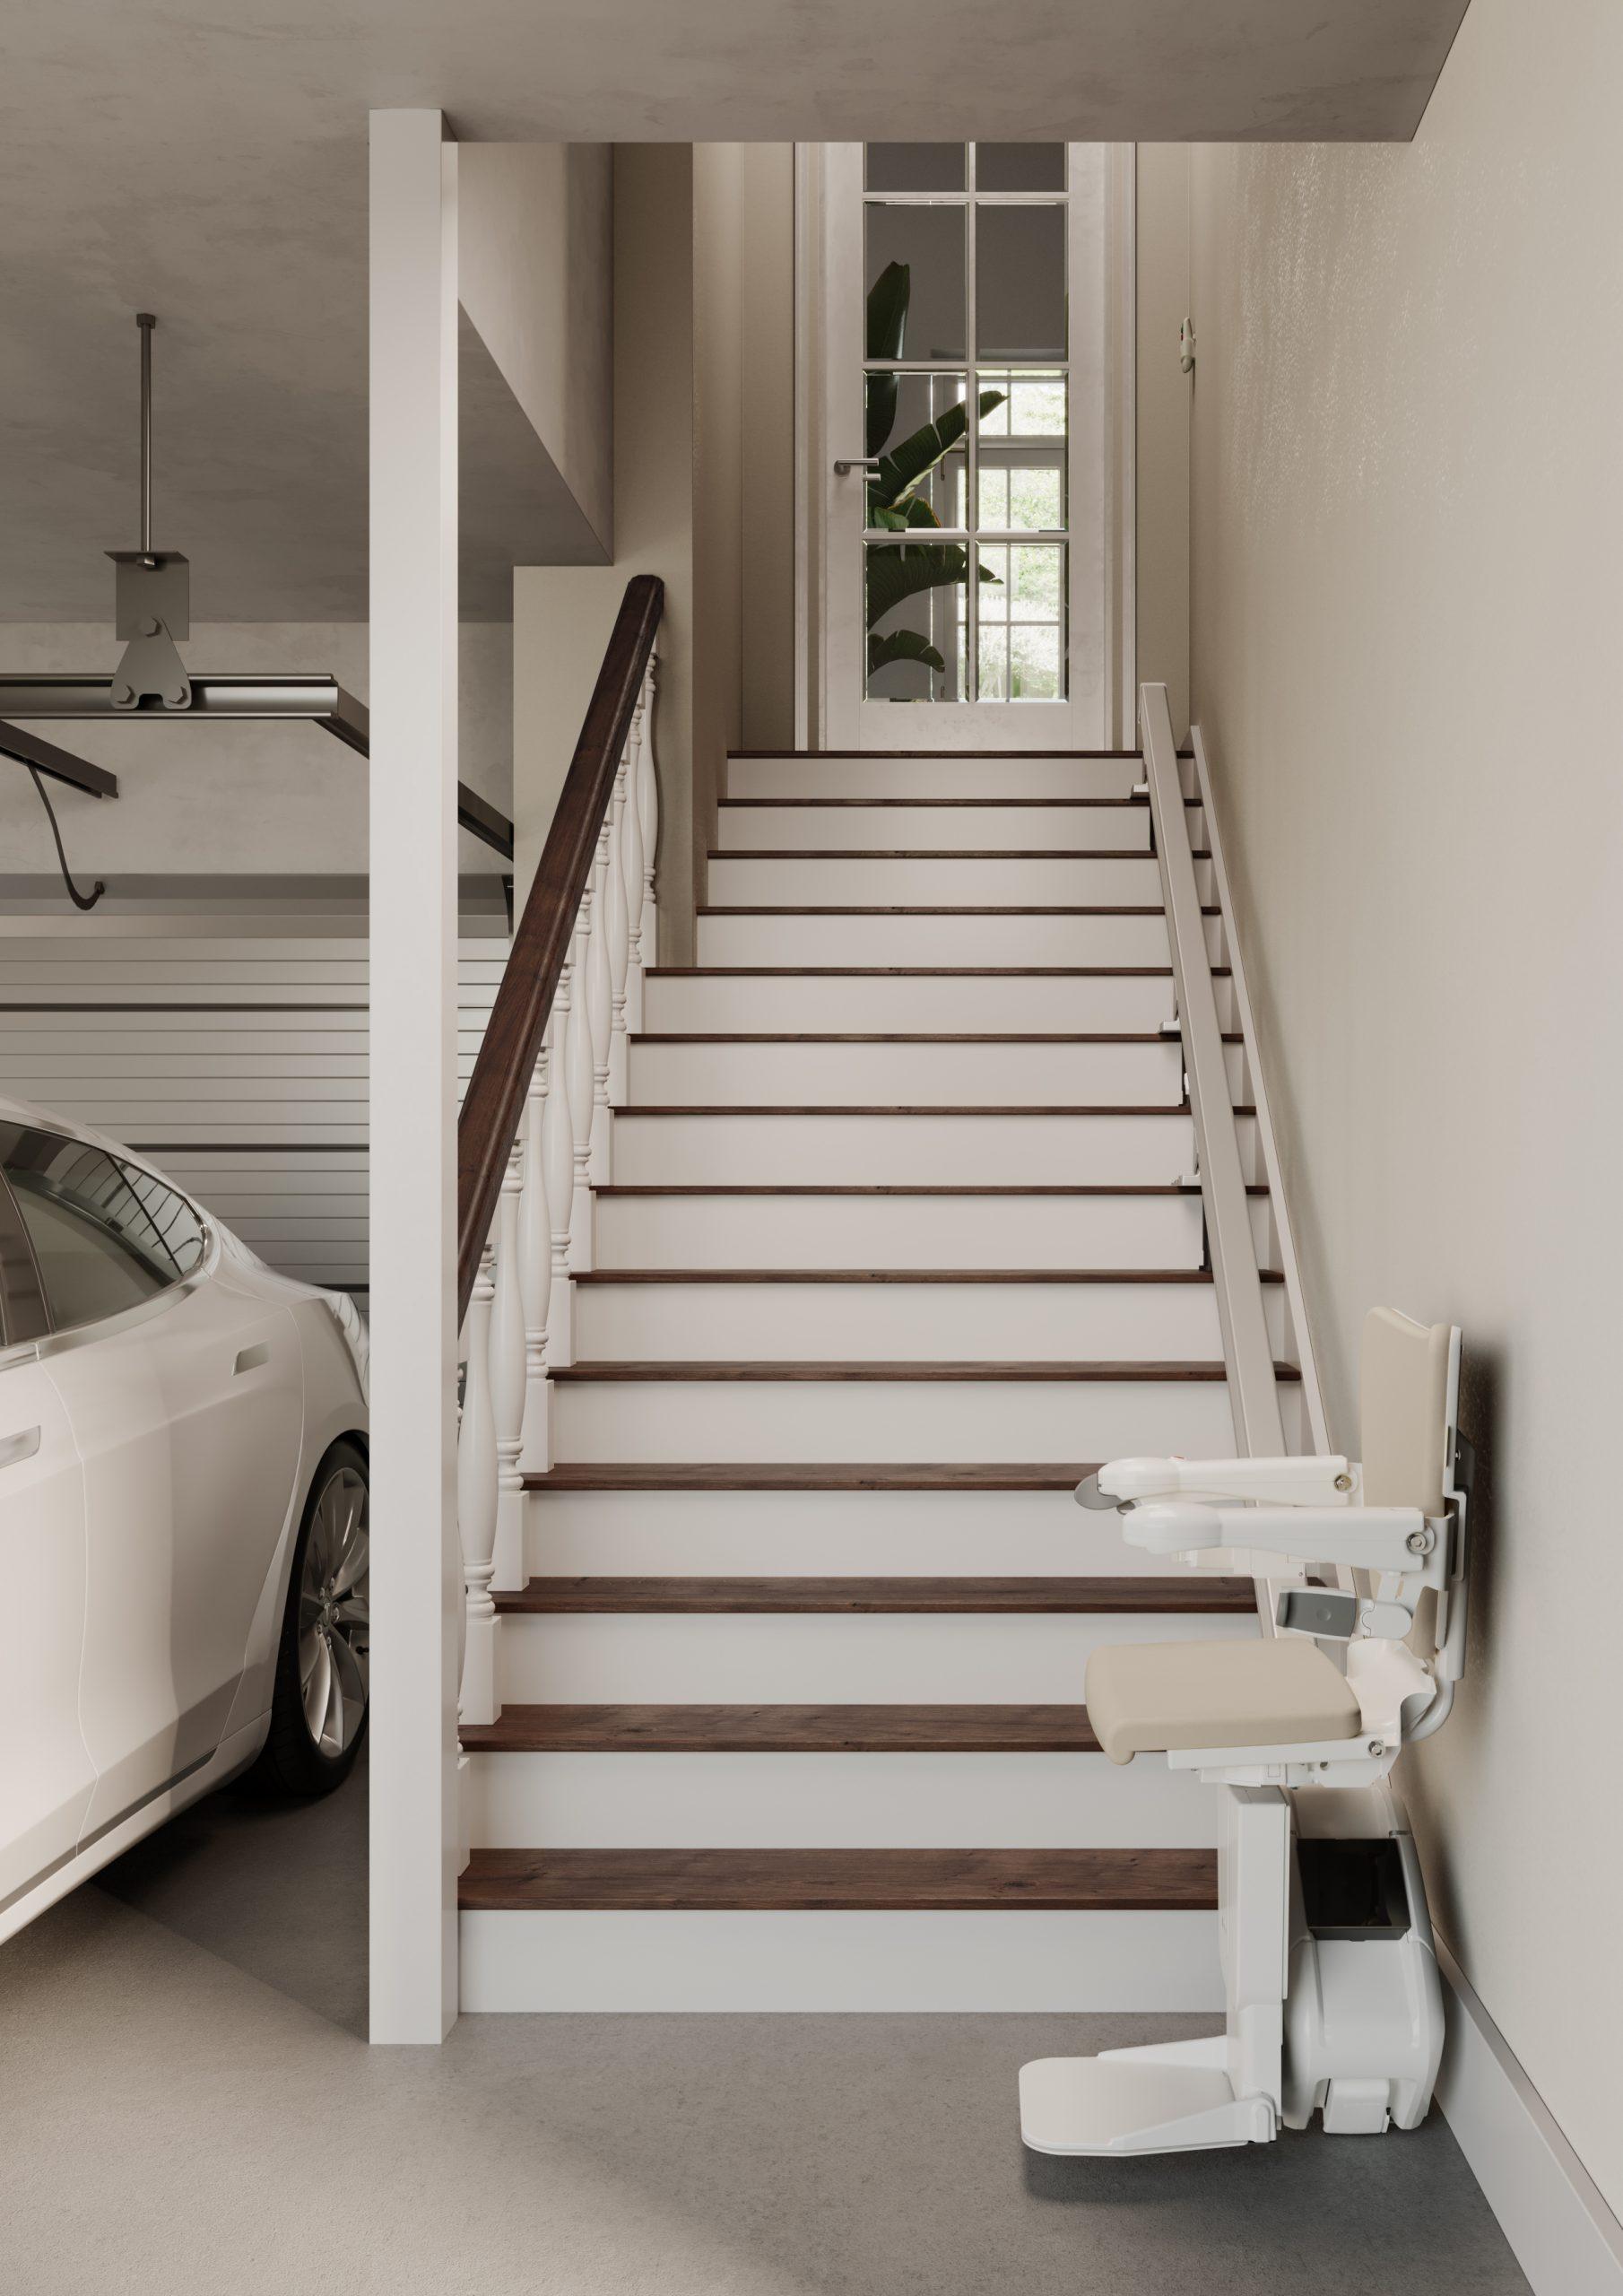 Zéro Intrusion - Monte escalier Droit